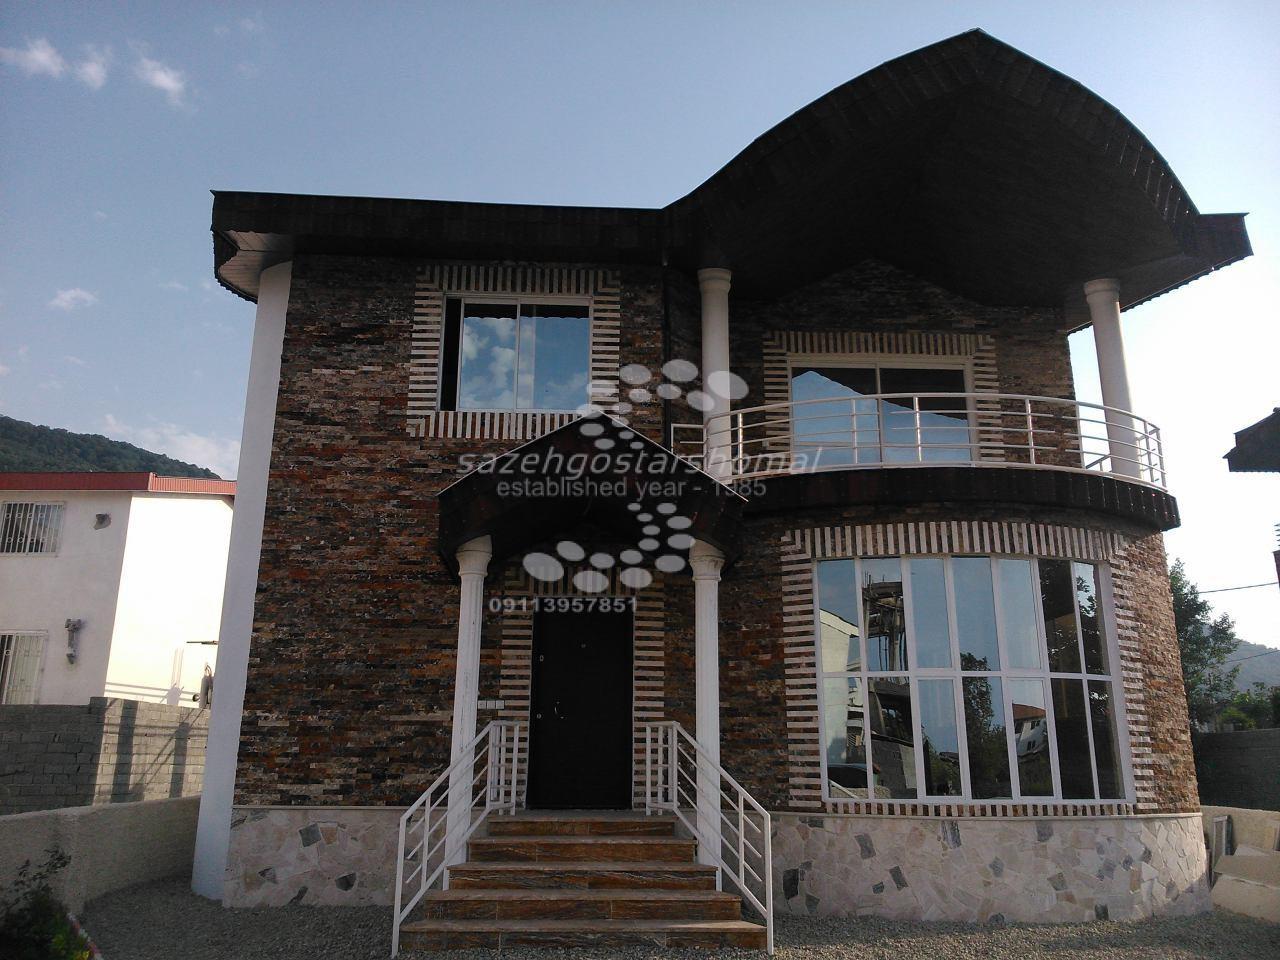 فروش ویلا غرب مازندران